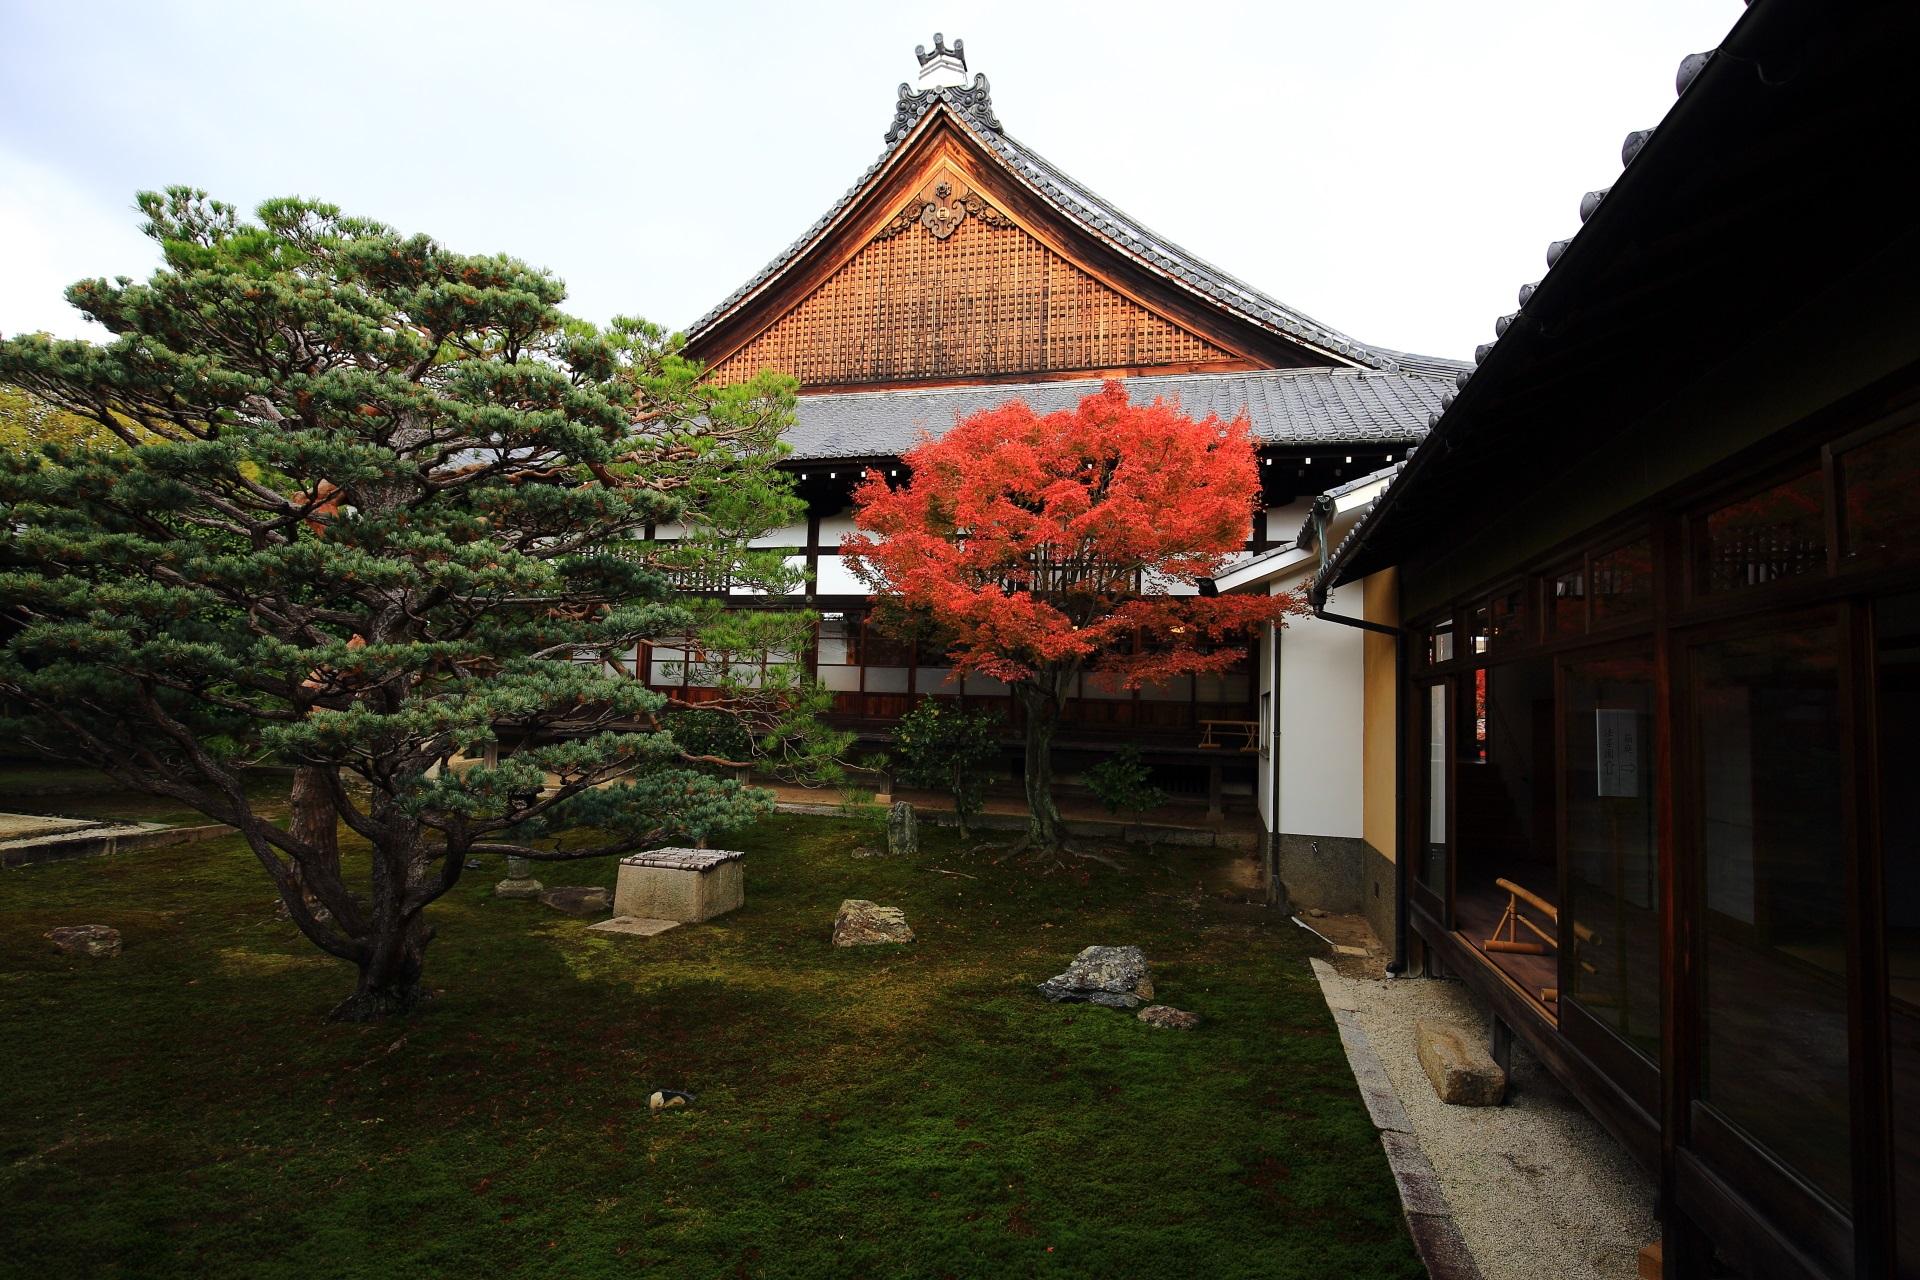 妙覚寺の本堂を彩る紅葉と樹齢100年を越すと言われる五葉の松